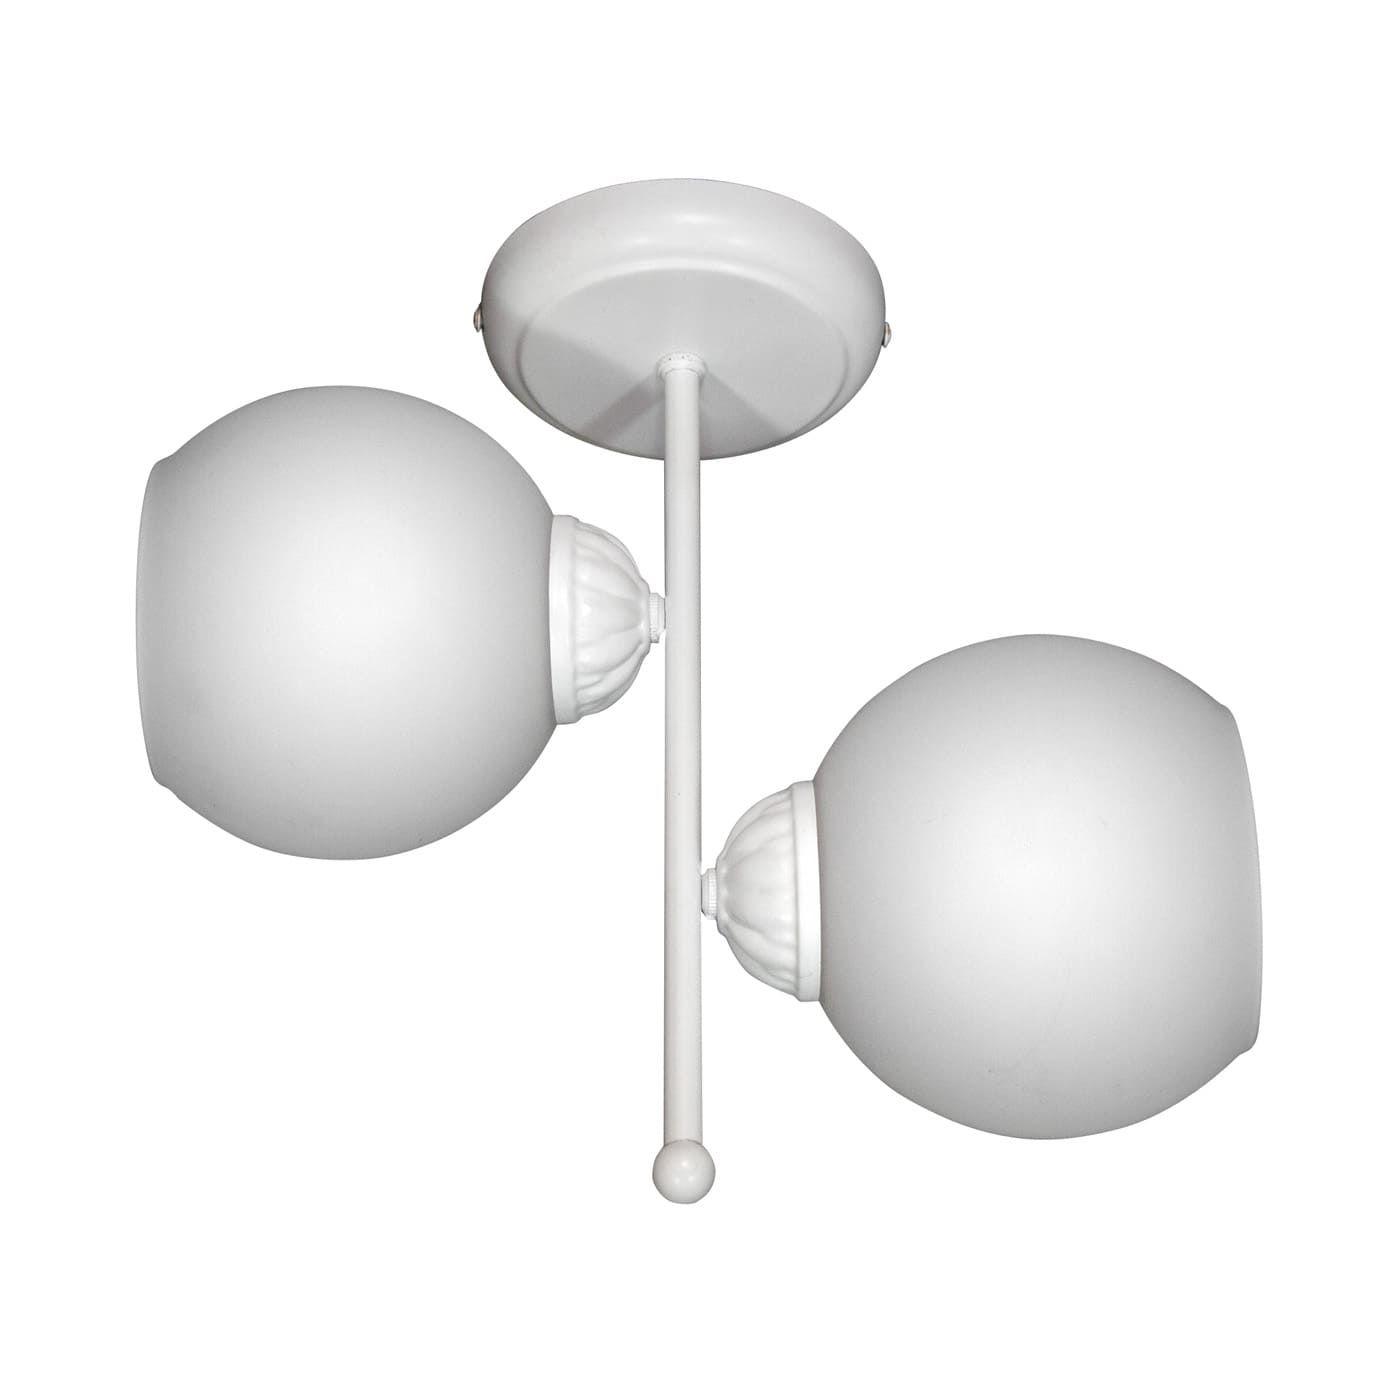 PETRASVET / Suspended chandelier S2384-1, 1xE27 max. 60W